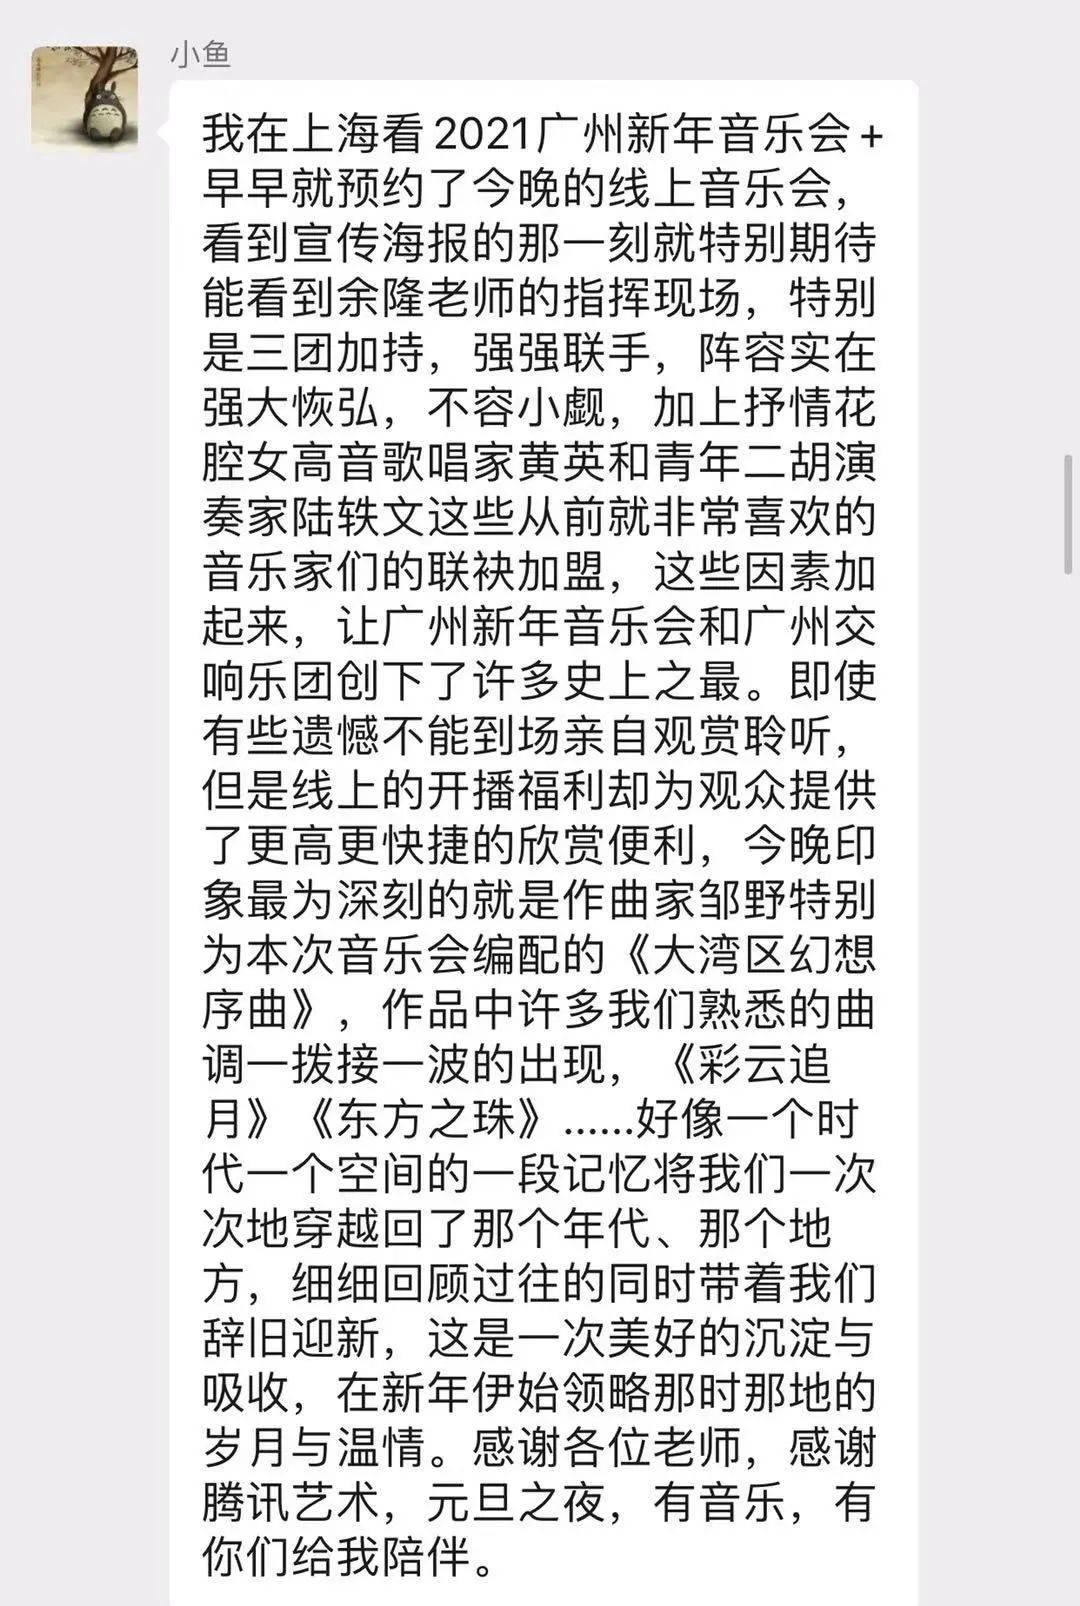 弦歌寄意谱新篇:2021广州新年音乐会完整视频上线!